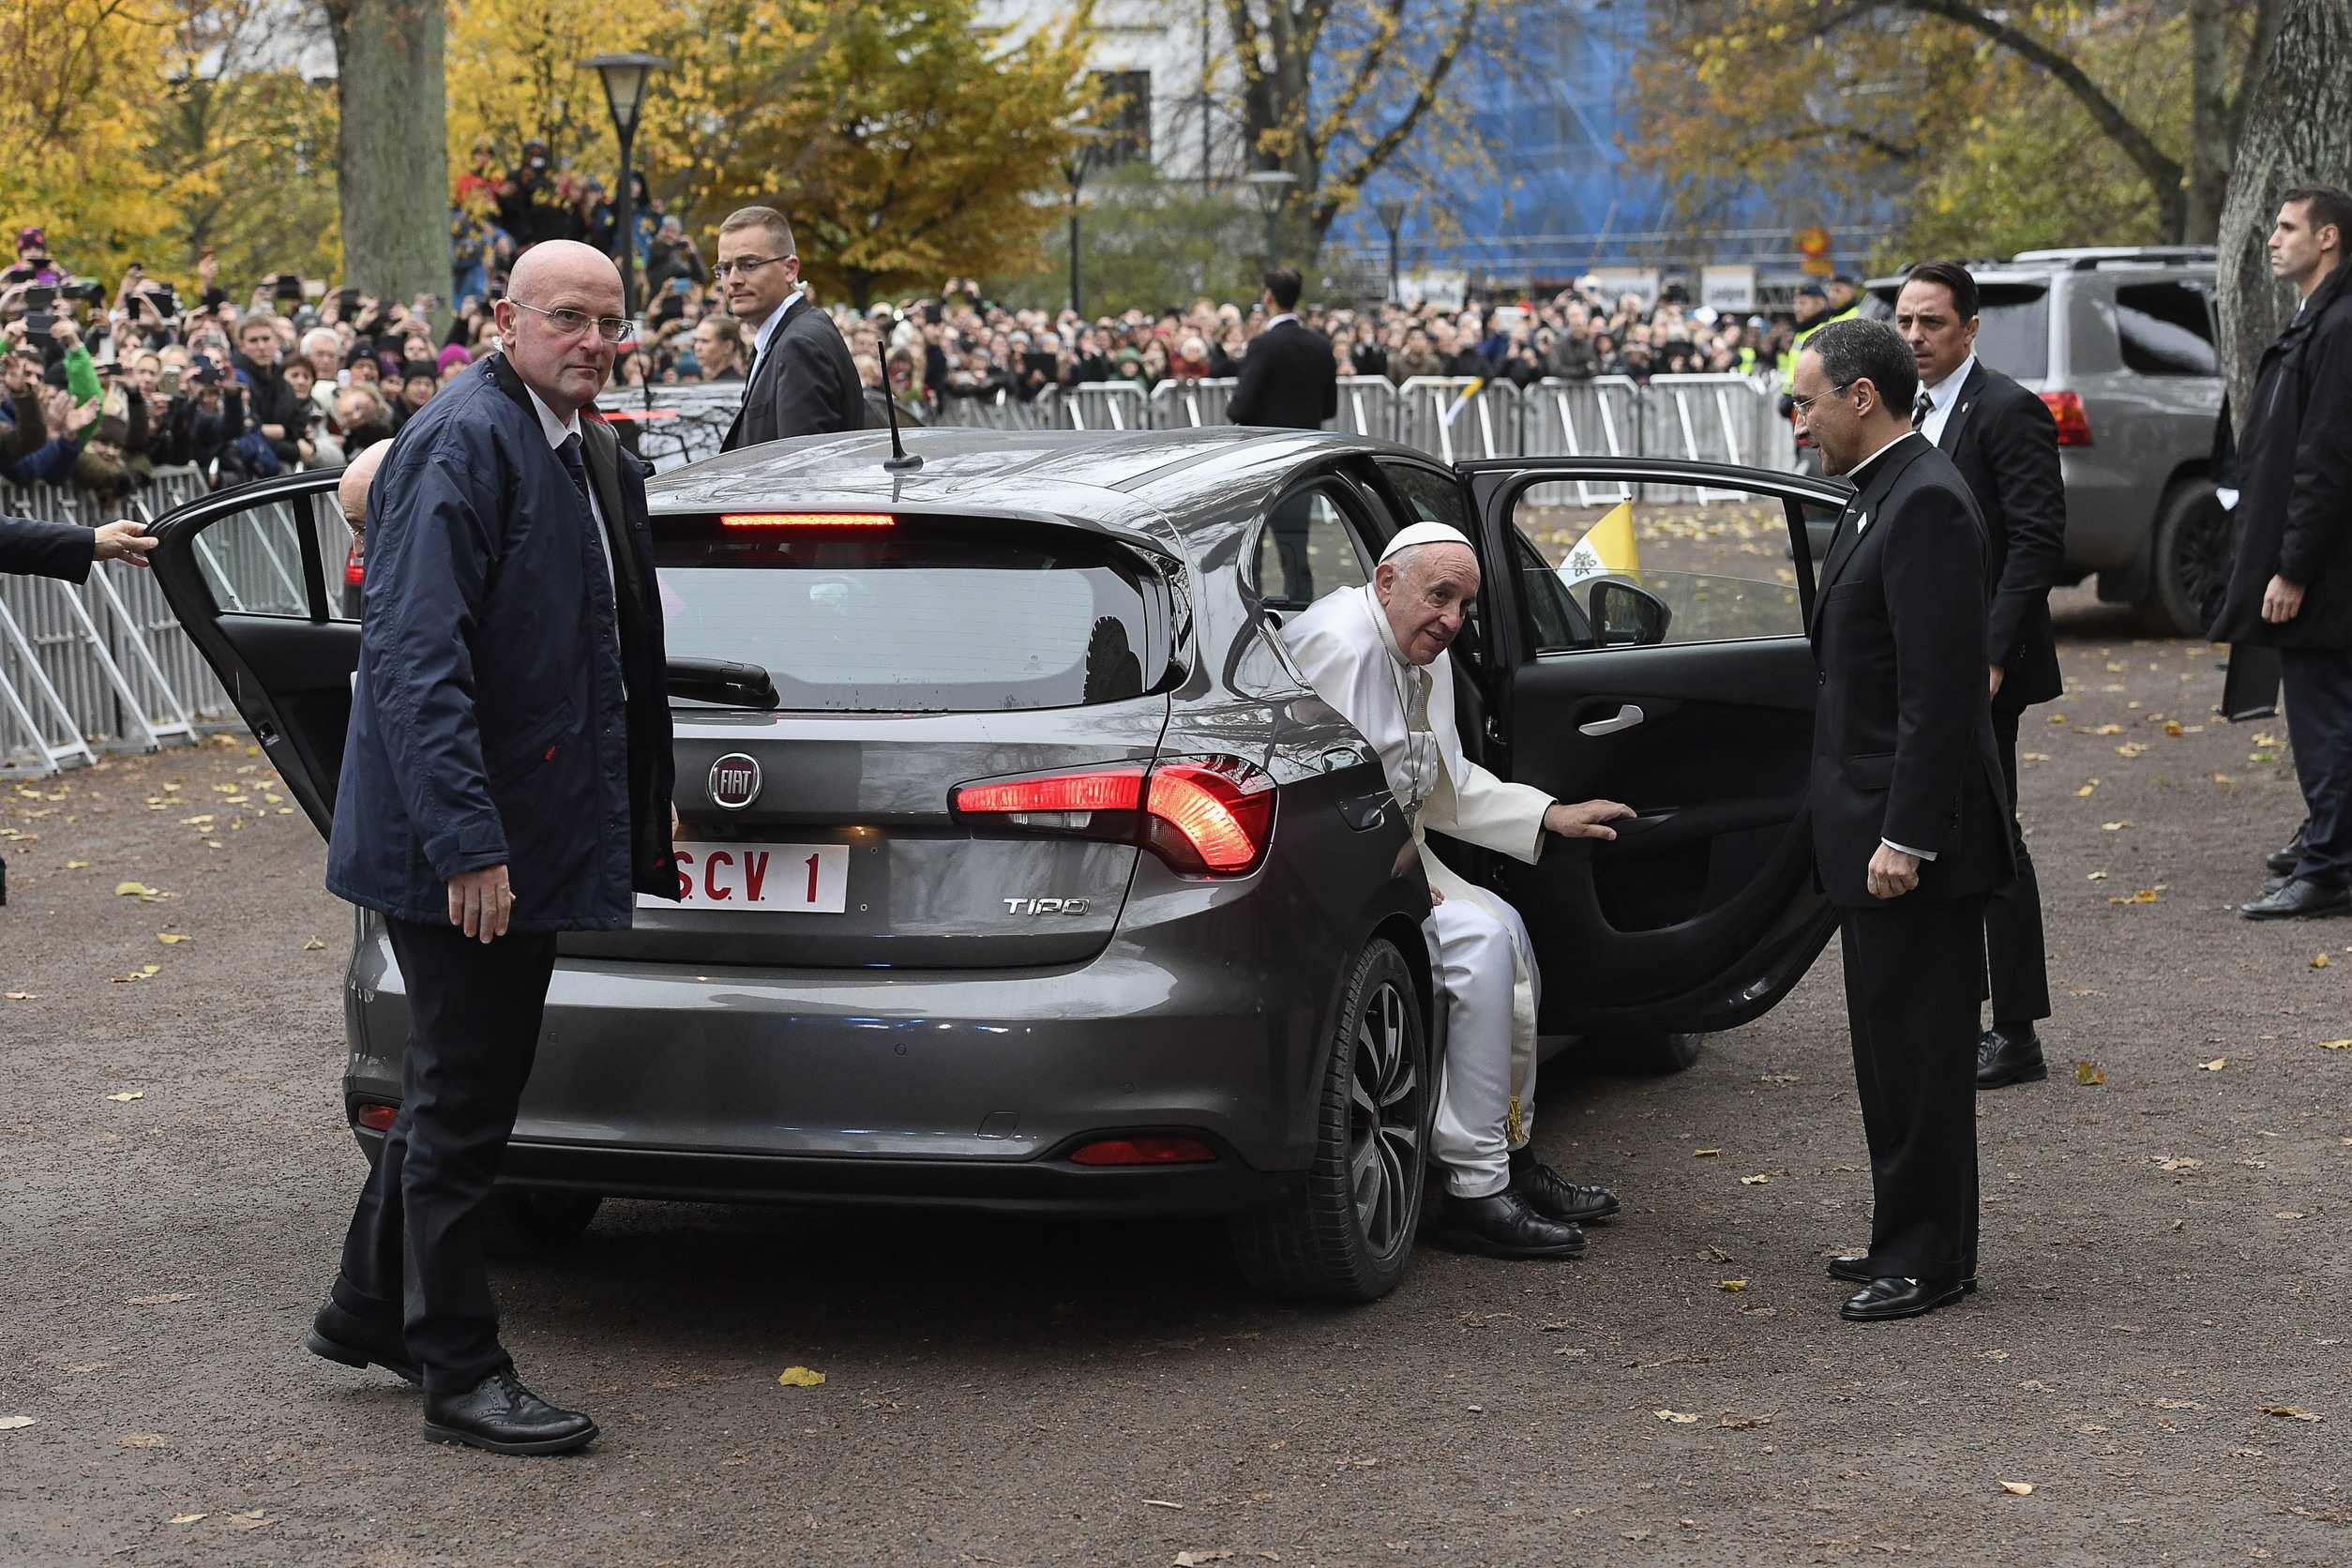 Papst Franziskus Mag S Bescheiden Und Fährt Im Fiat Tipo Zur